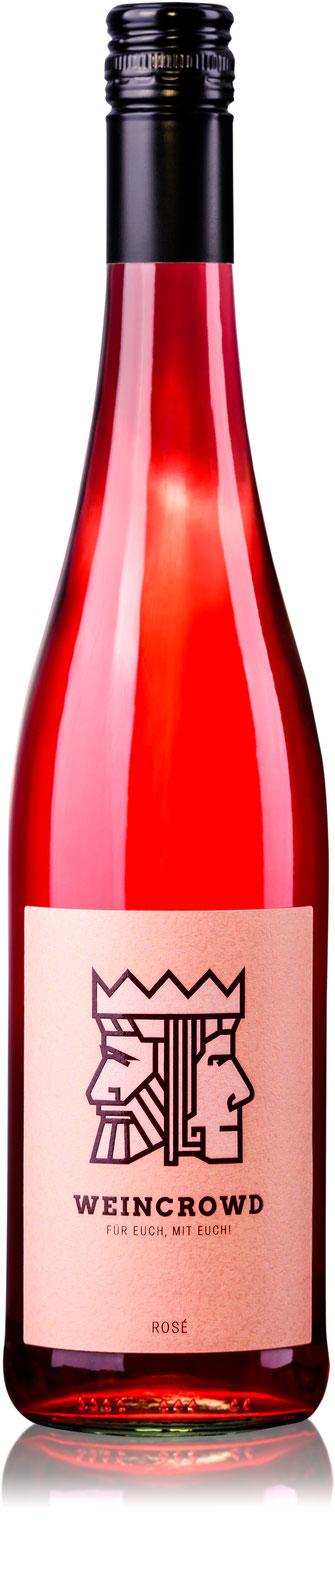 Weinflaschenfoto vor weißem Hintergrund